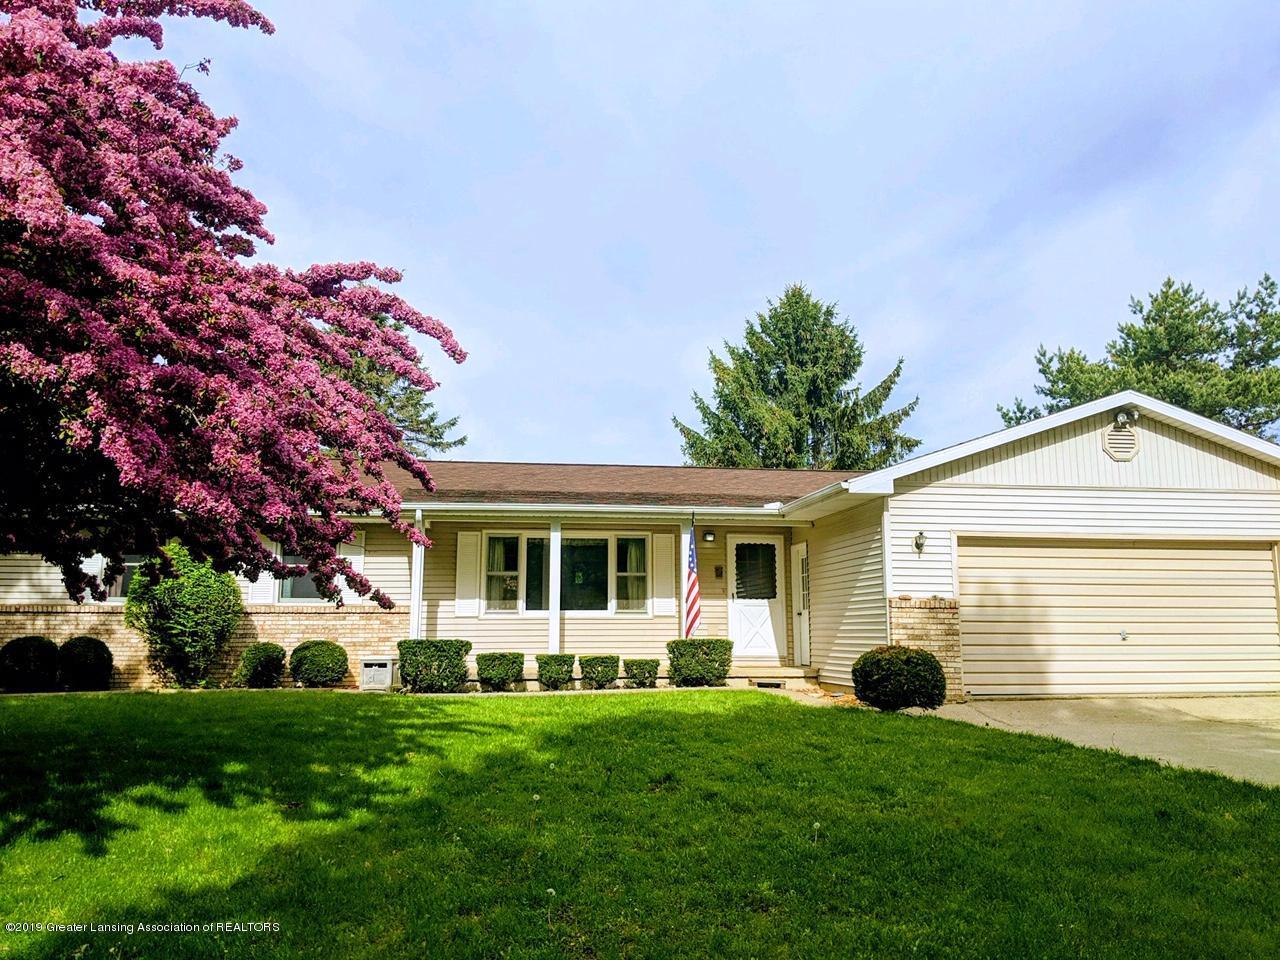 6247 N Scott Rd - Home - 1